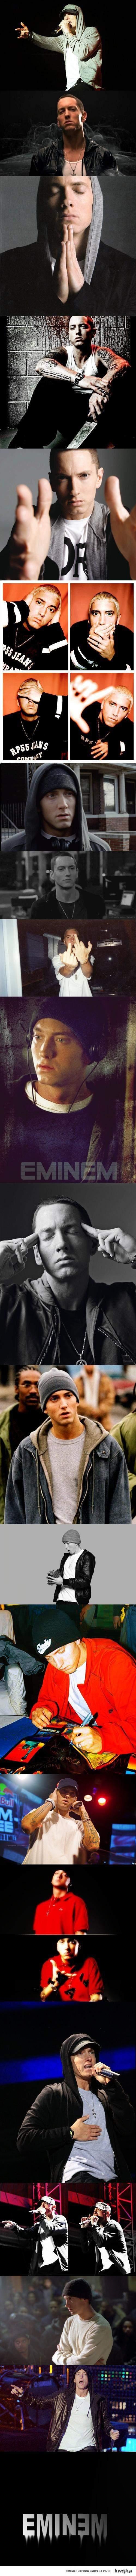 <3 Eminem